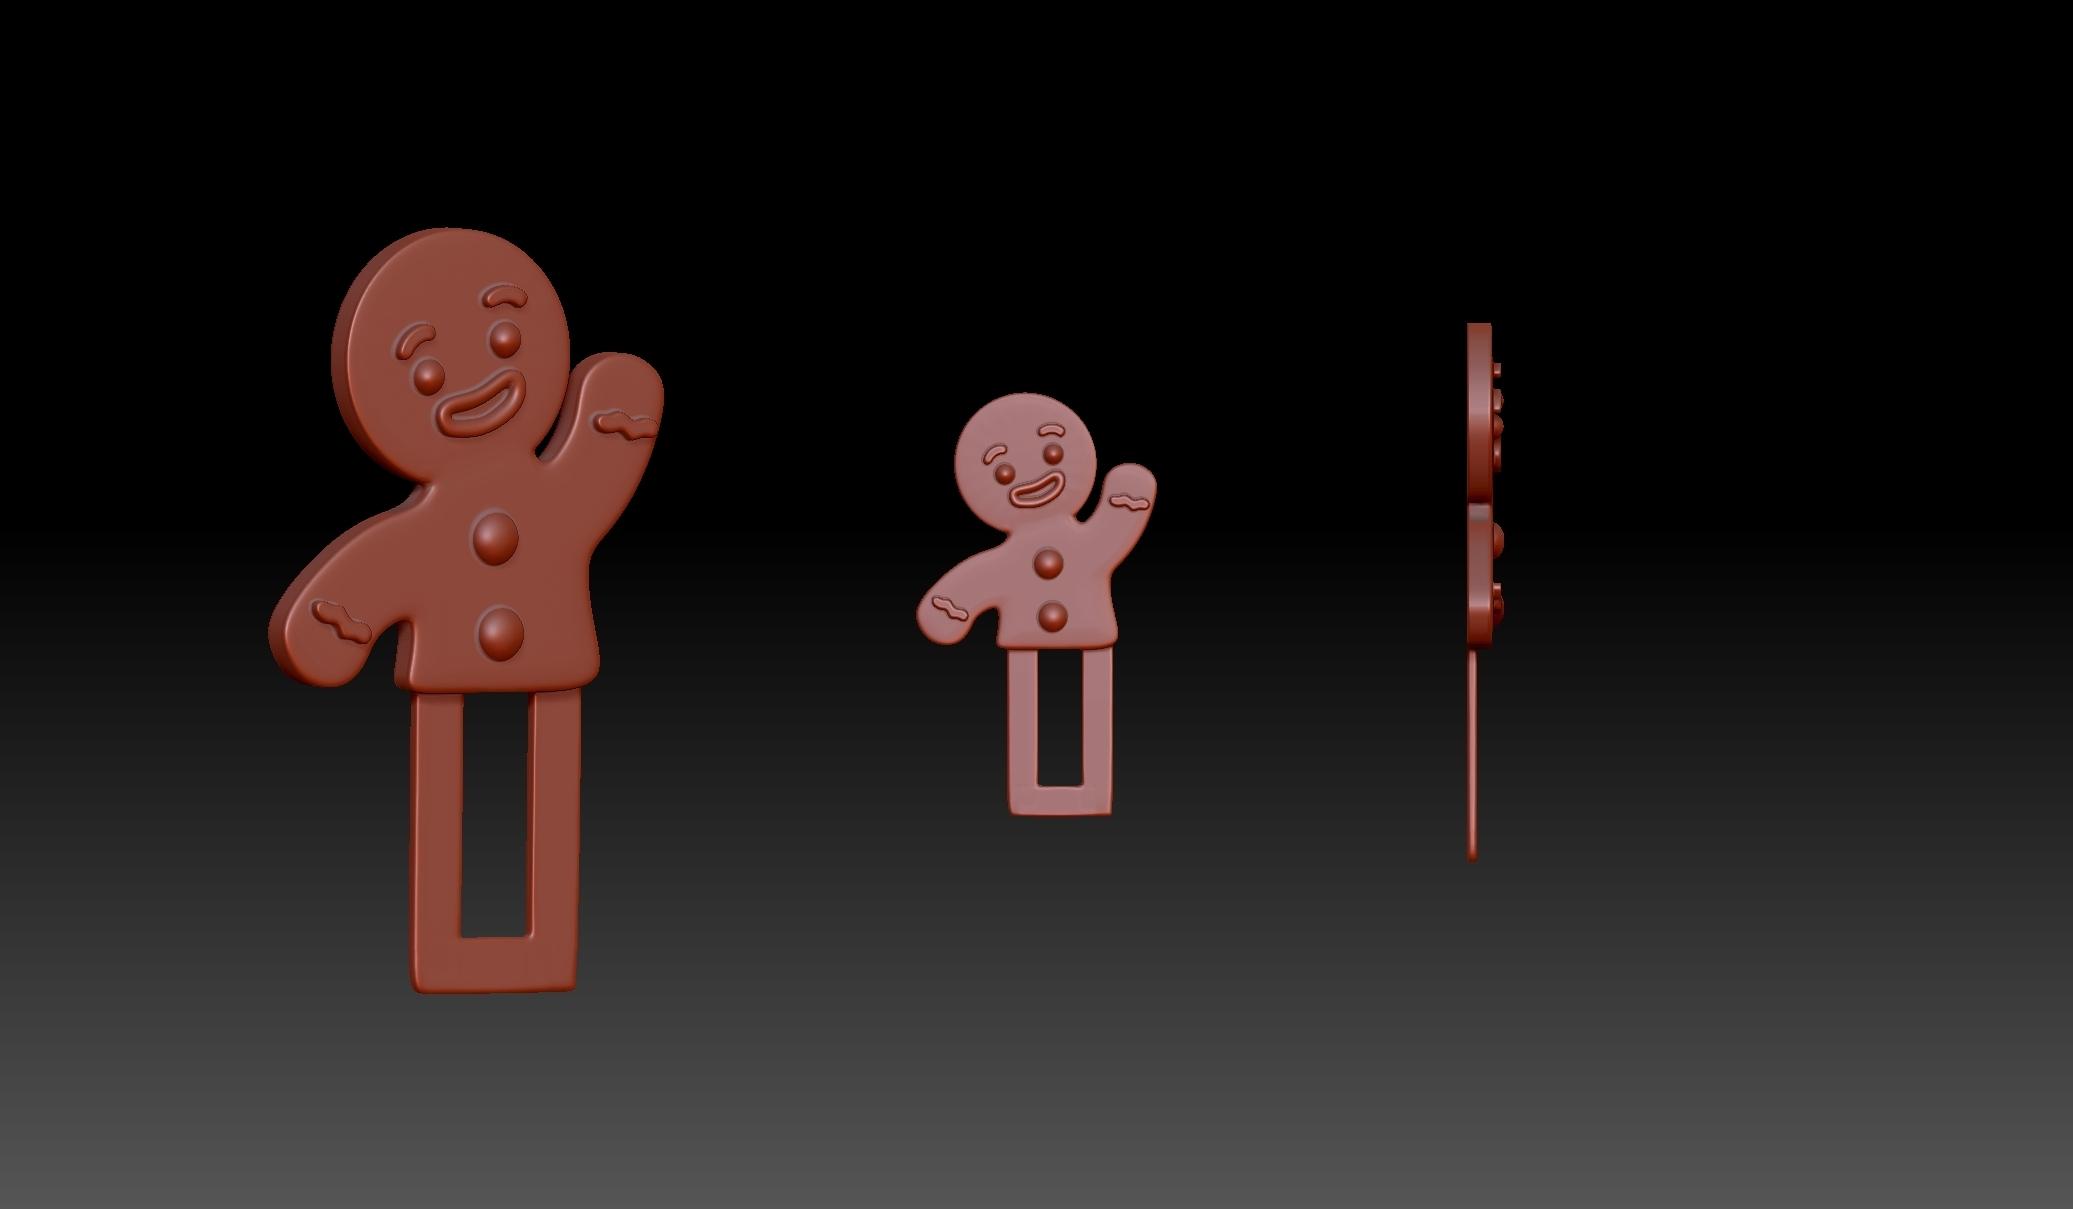 ZBrush Document.jpg Download OBJ file Christmas Gift • 3D printable design, Merve